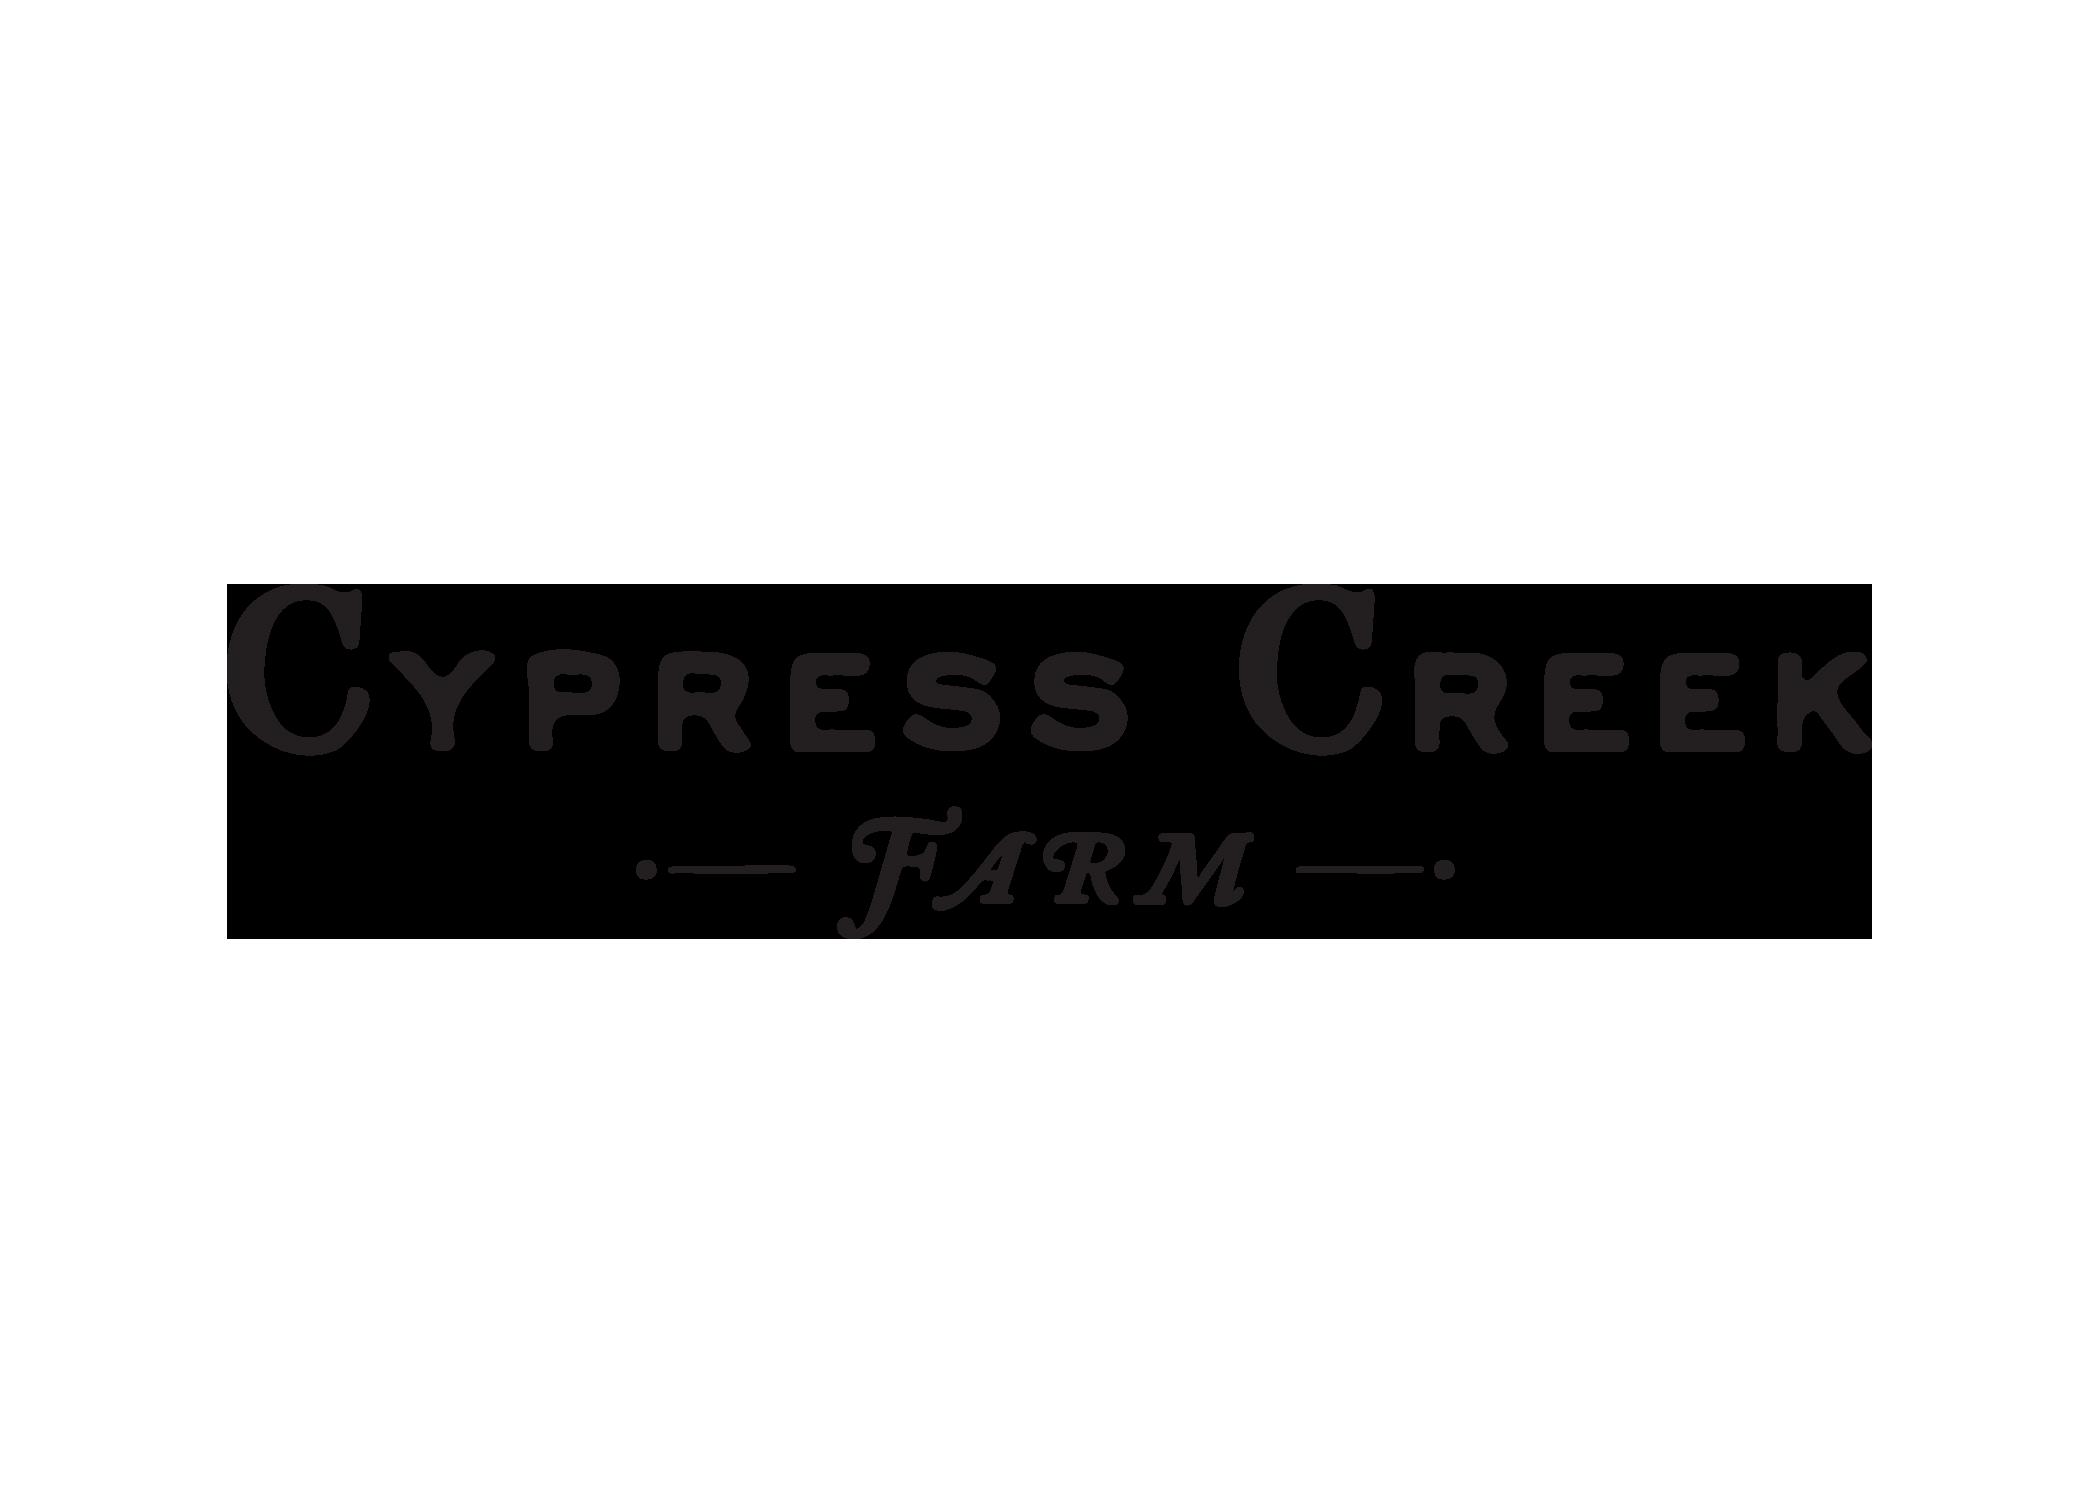 CypressCreek.png